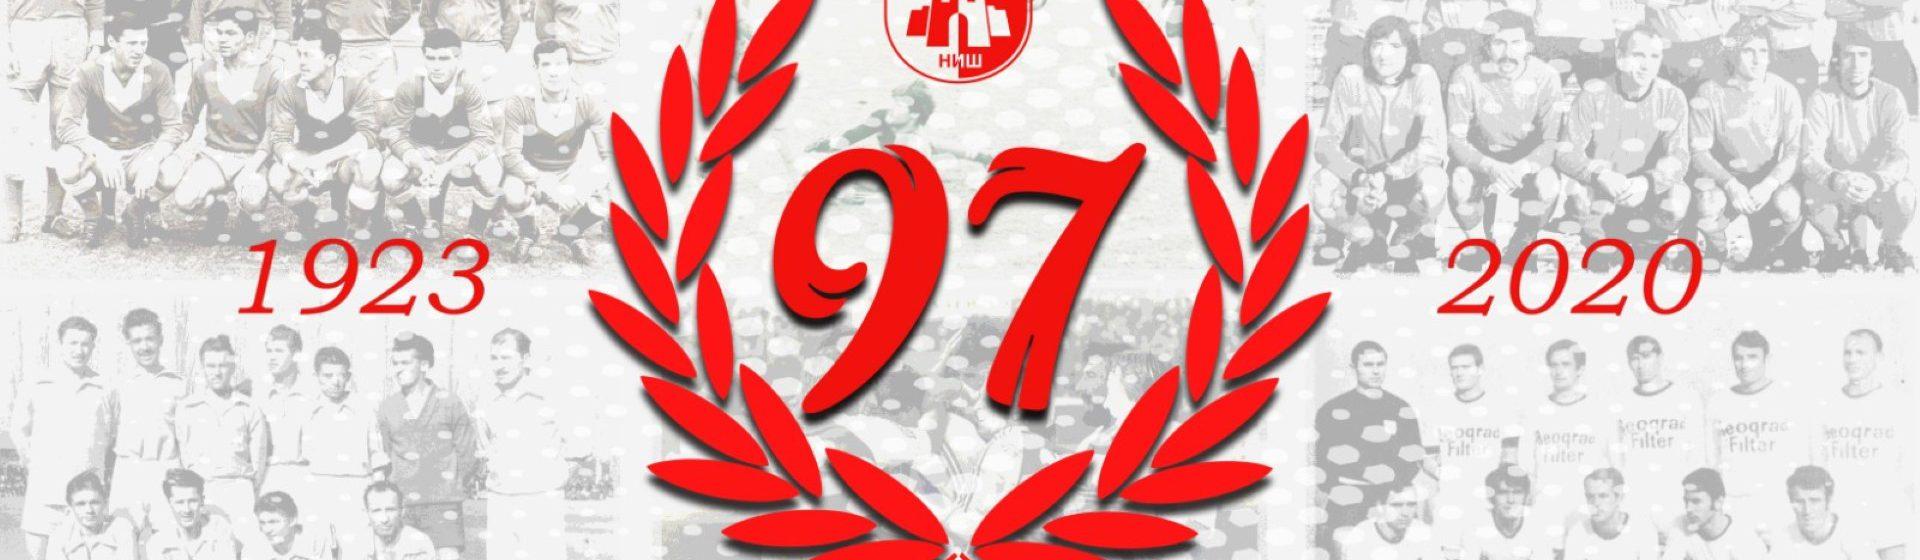 FK Radnički Niš header